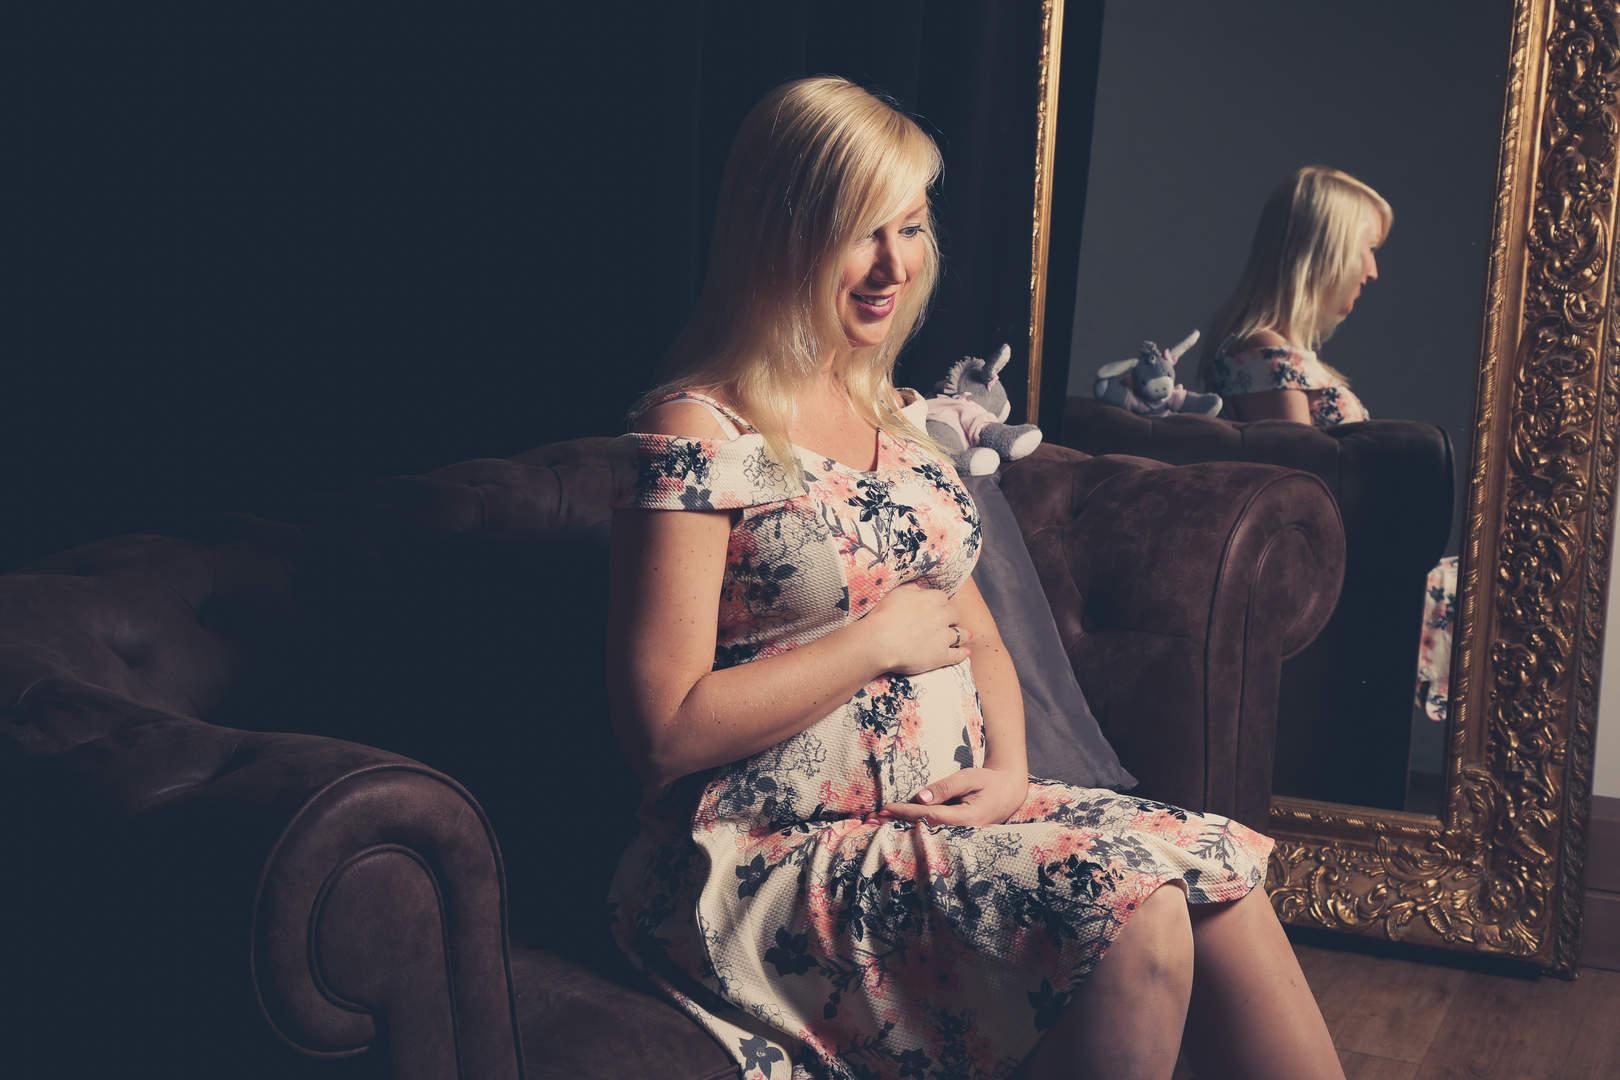 Schwangerschafts-Beschwerden - Hilfe und Ratschläge - Beim zweiten Mal entspannter (Teil 2)